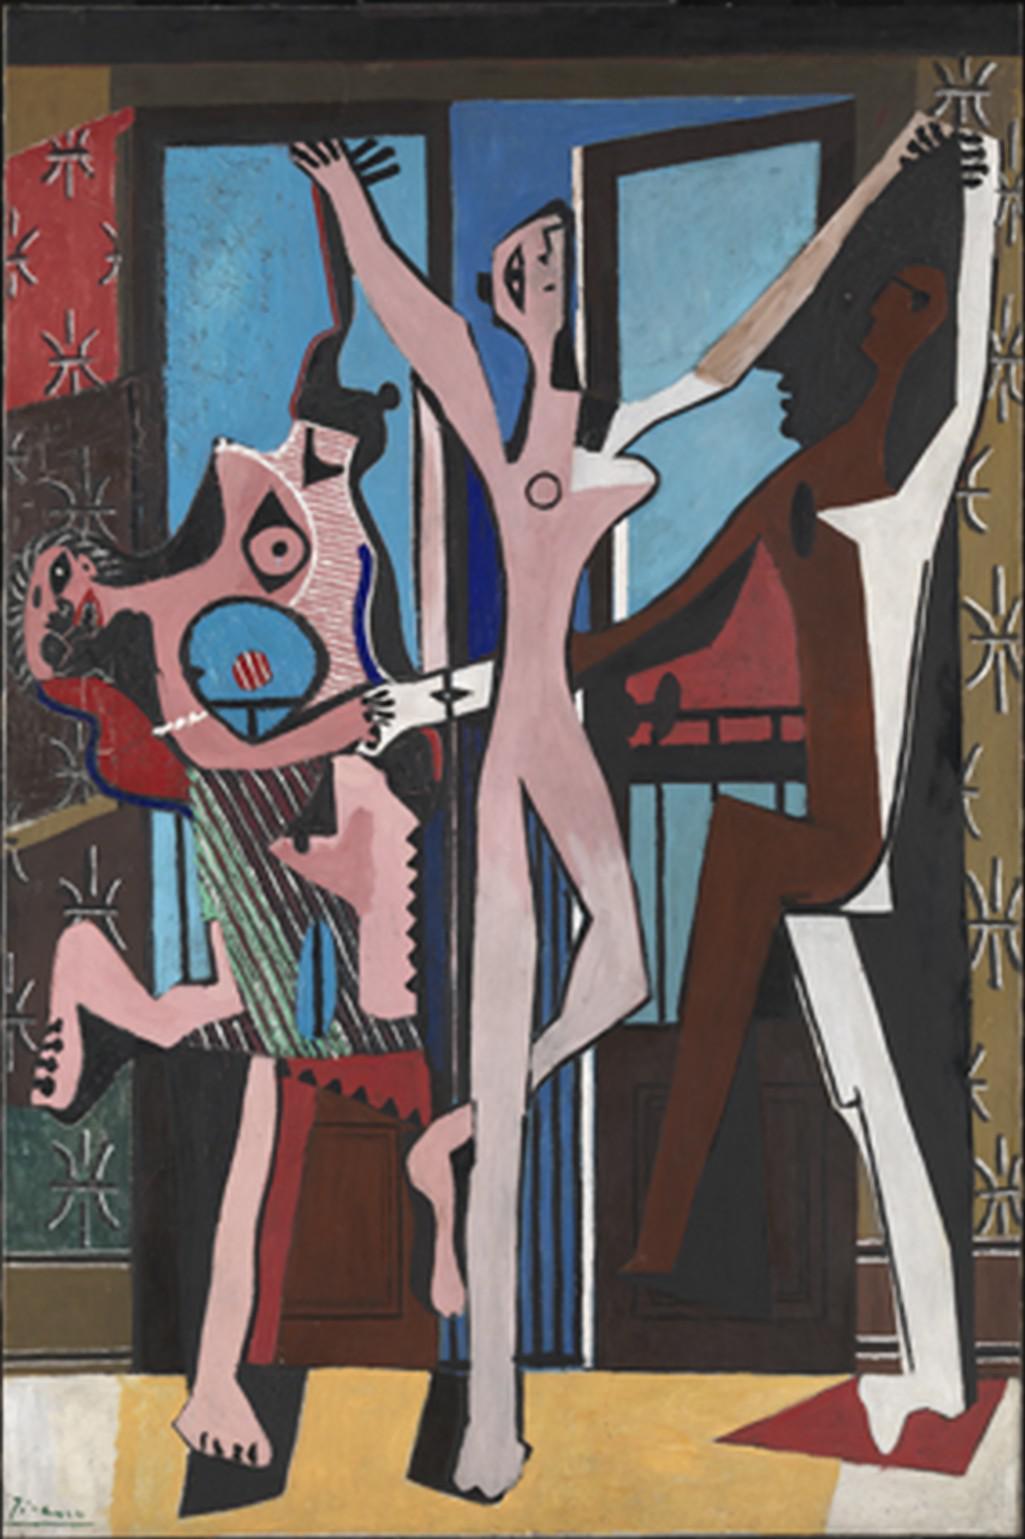 Pablo Picasso / Tři tanečníci, 1925